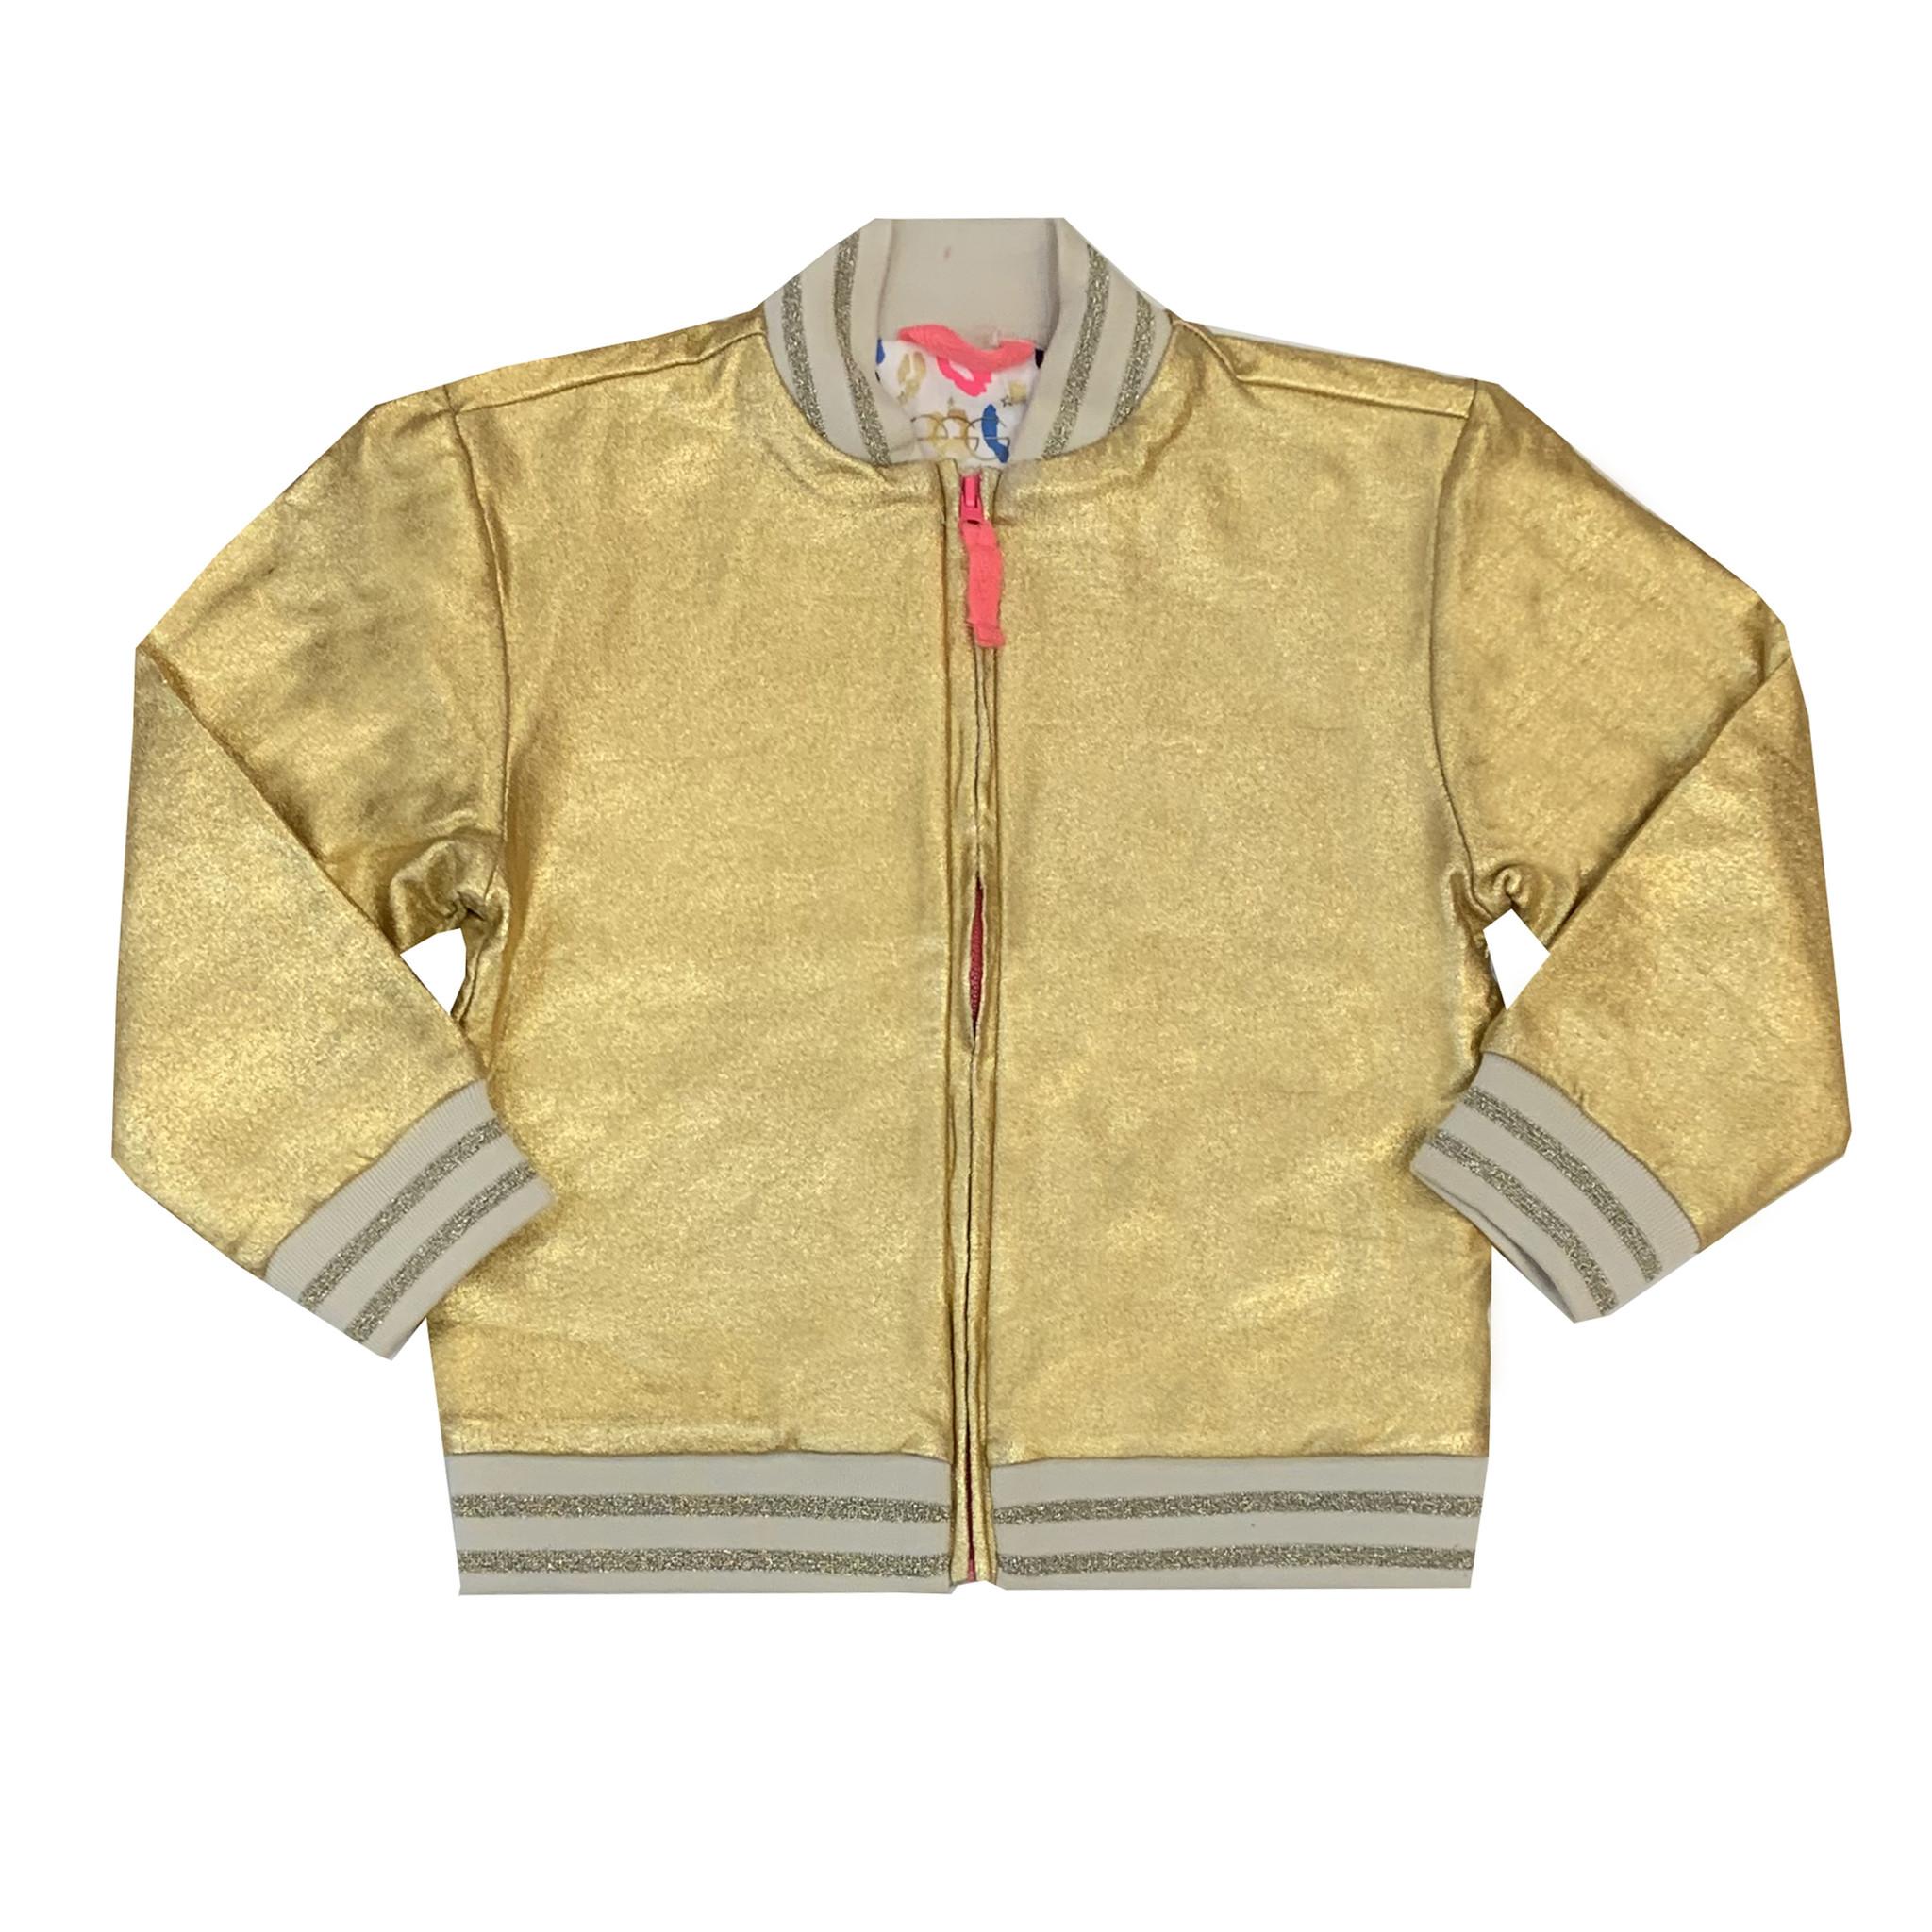 Egg Metallic Gold Toddler Jacket